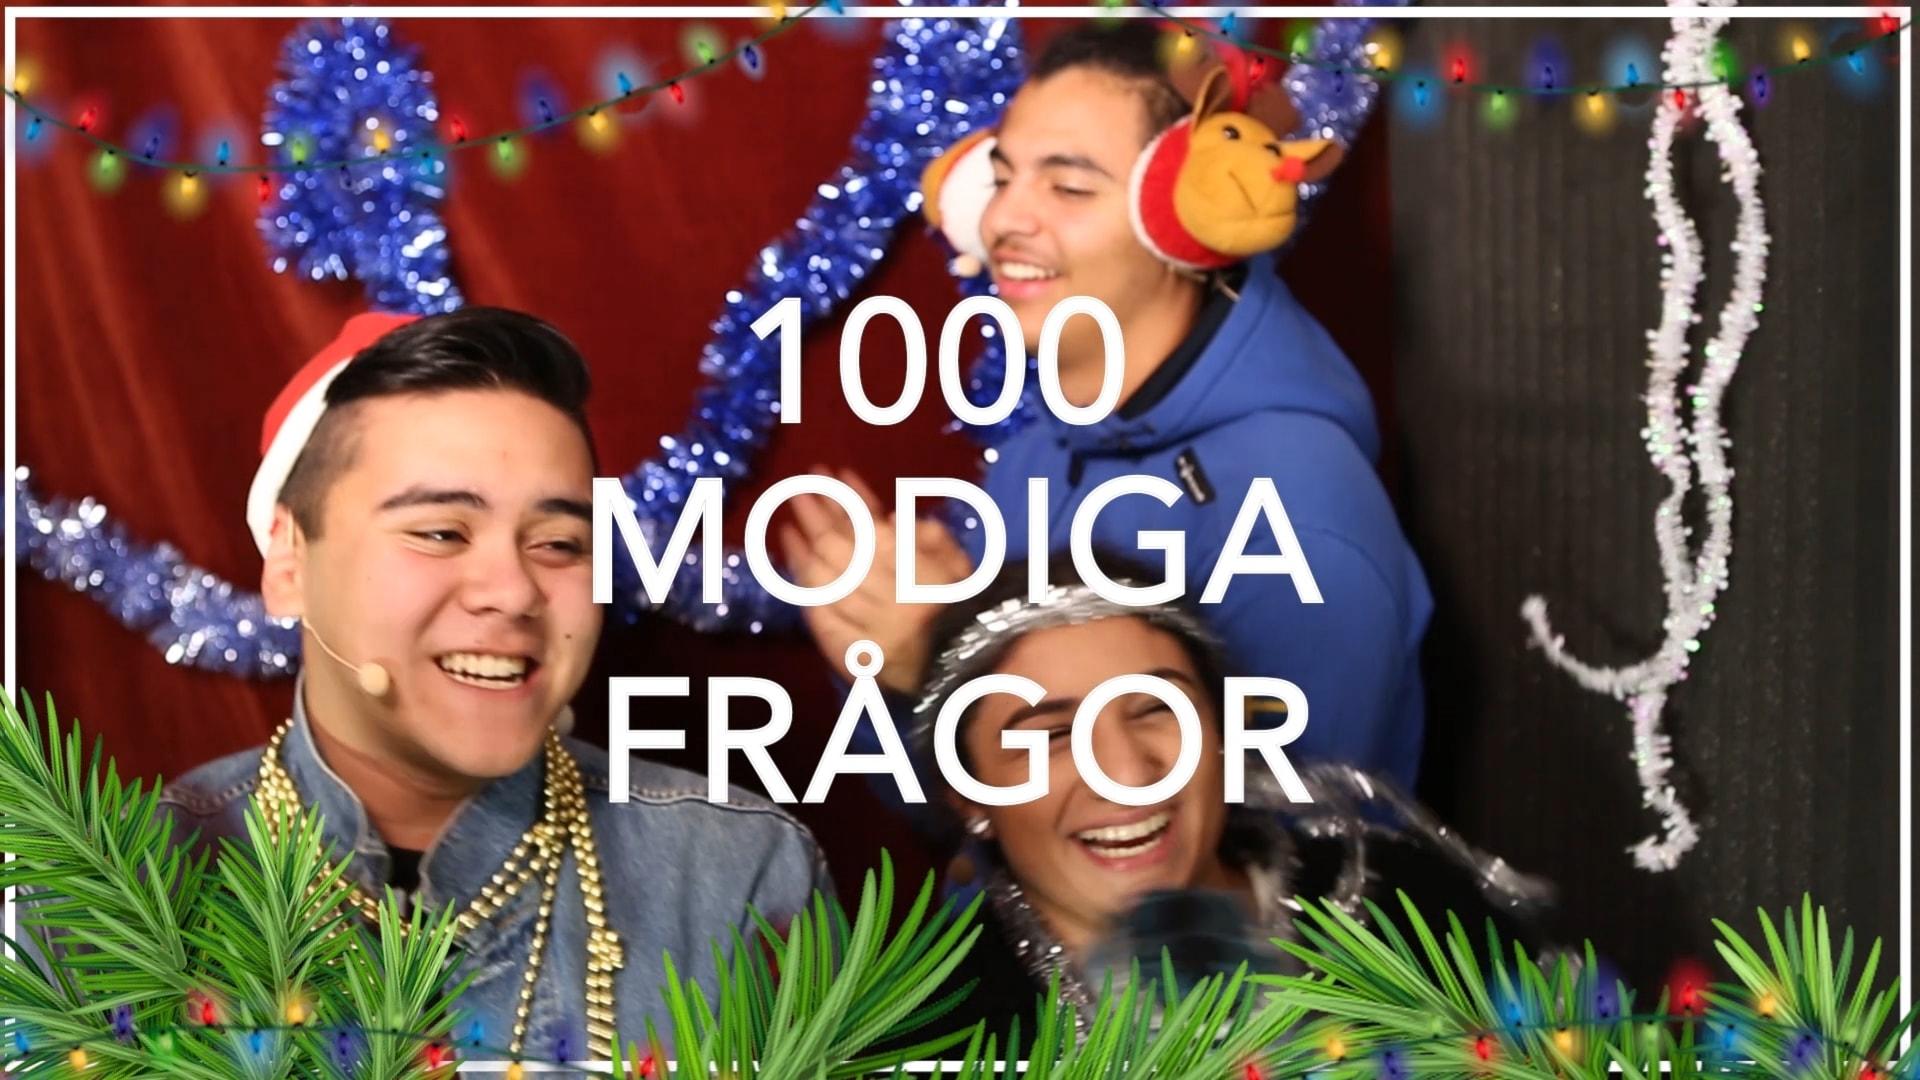 1000 modiga frågor - Julspecial